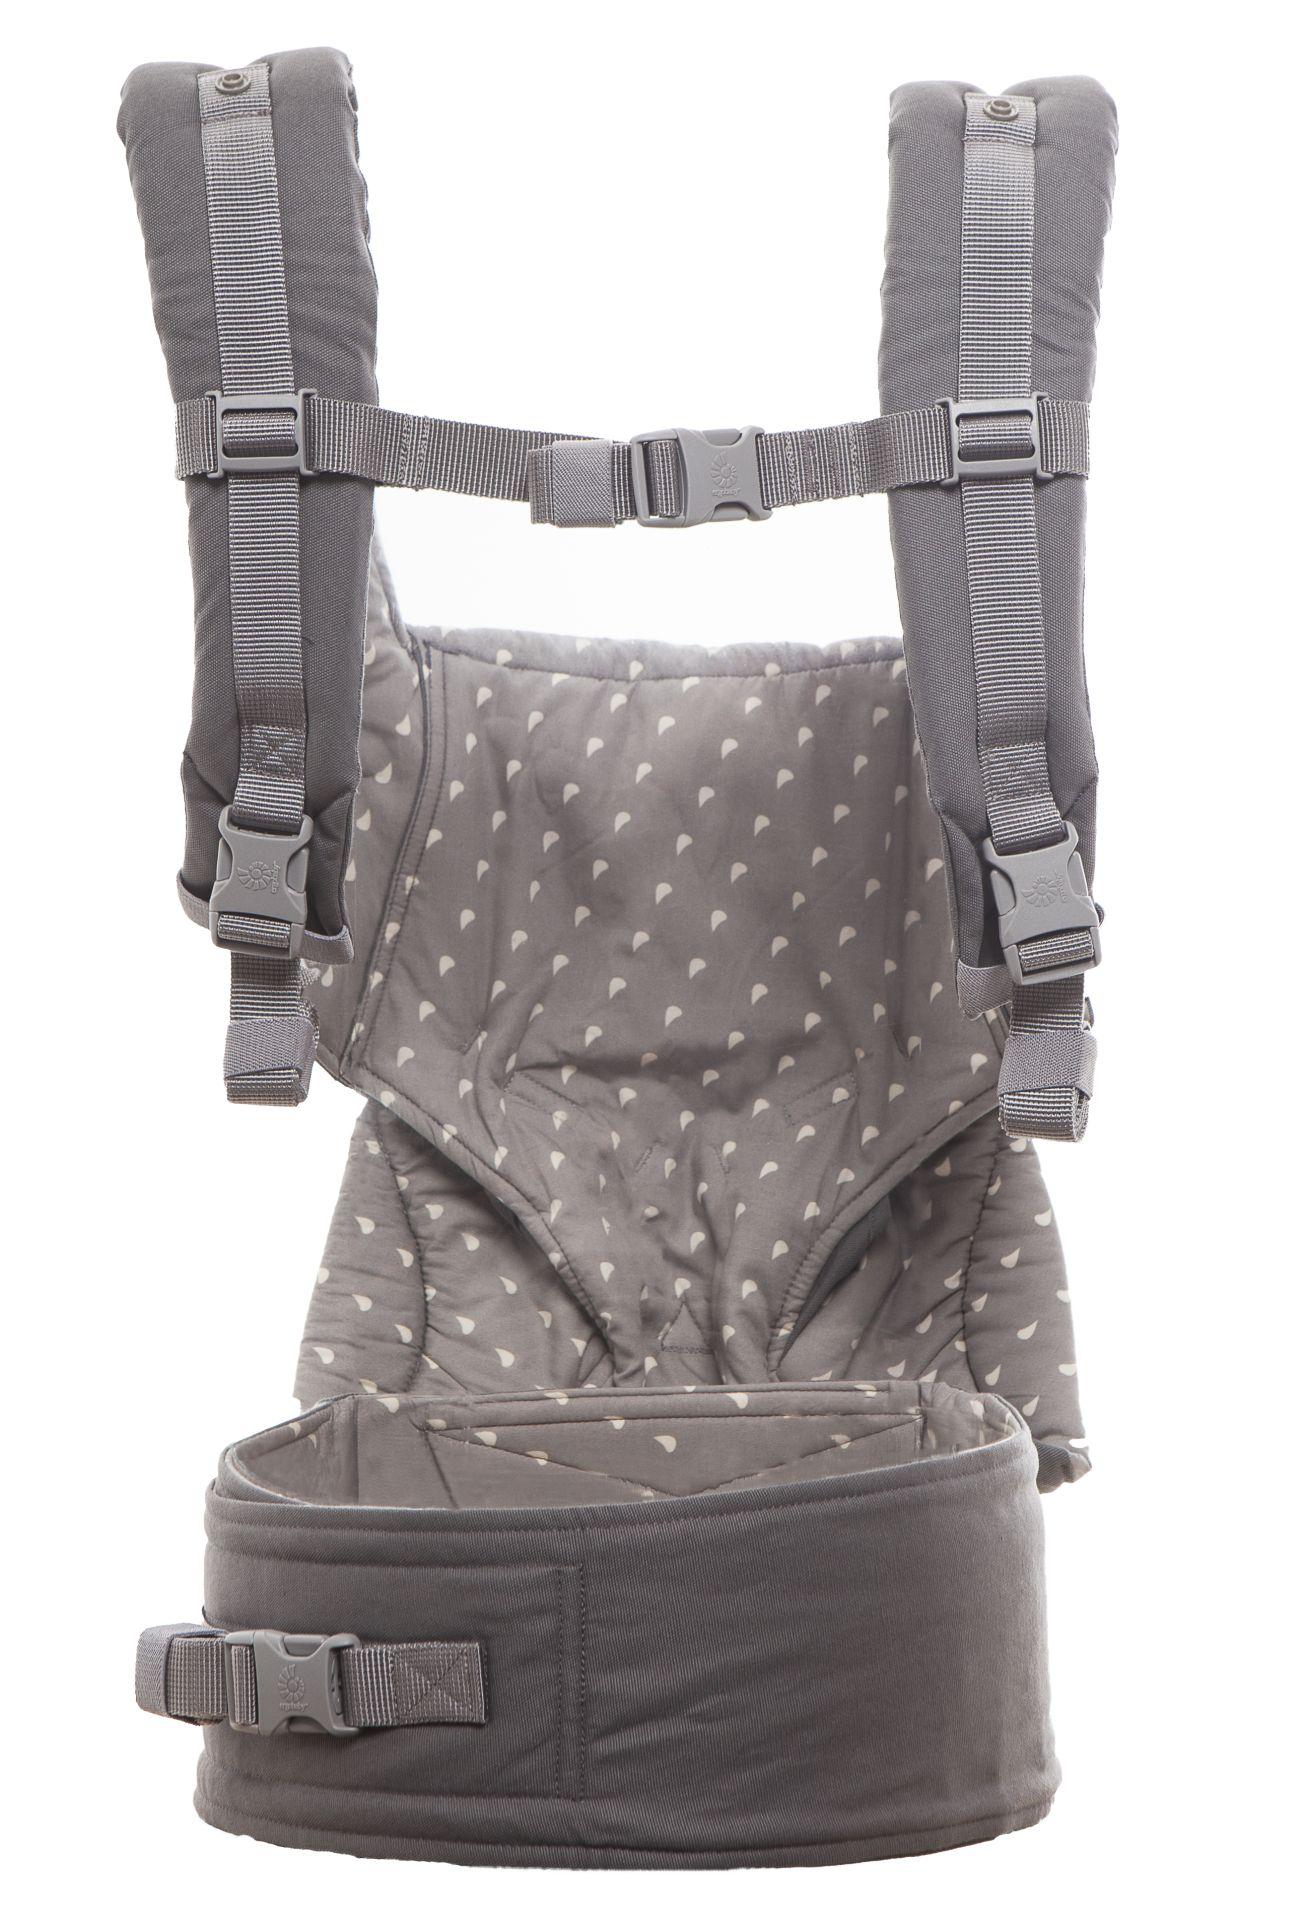 Ergobaby 360 176 Baby Carrier Dewy Grey Buy At Kidsroom